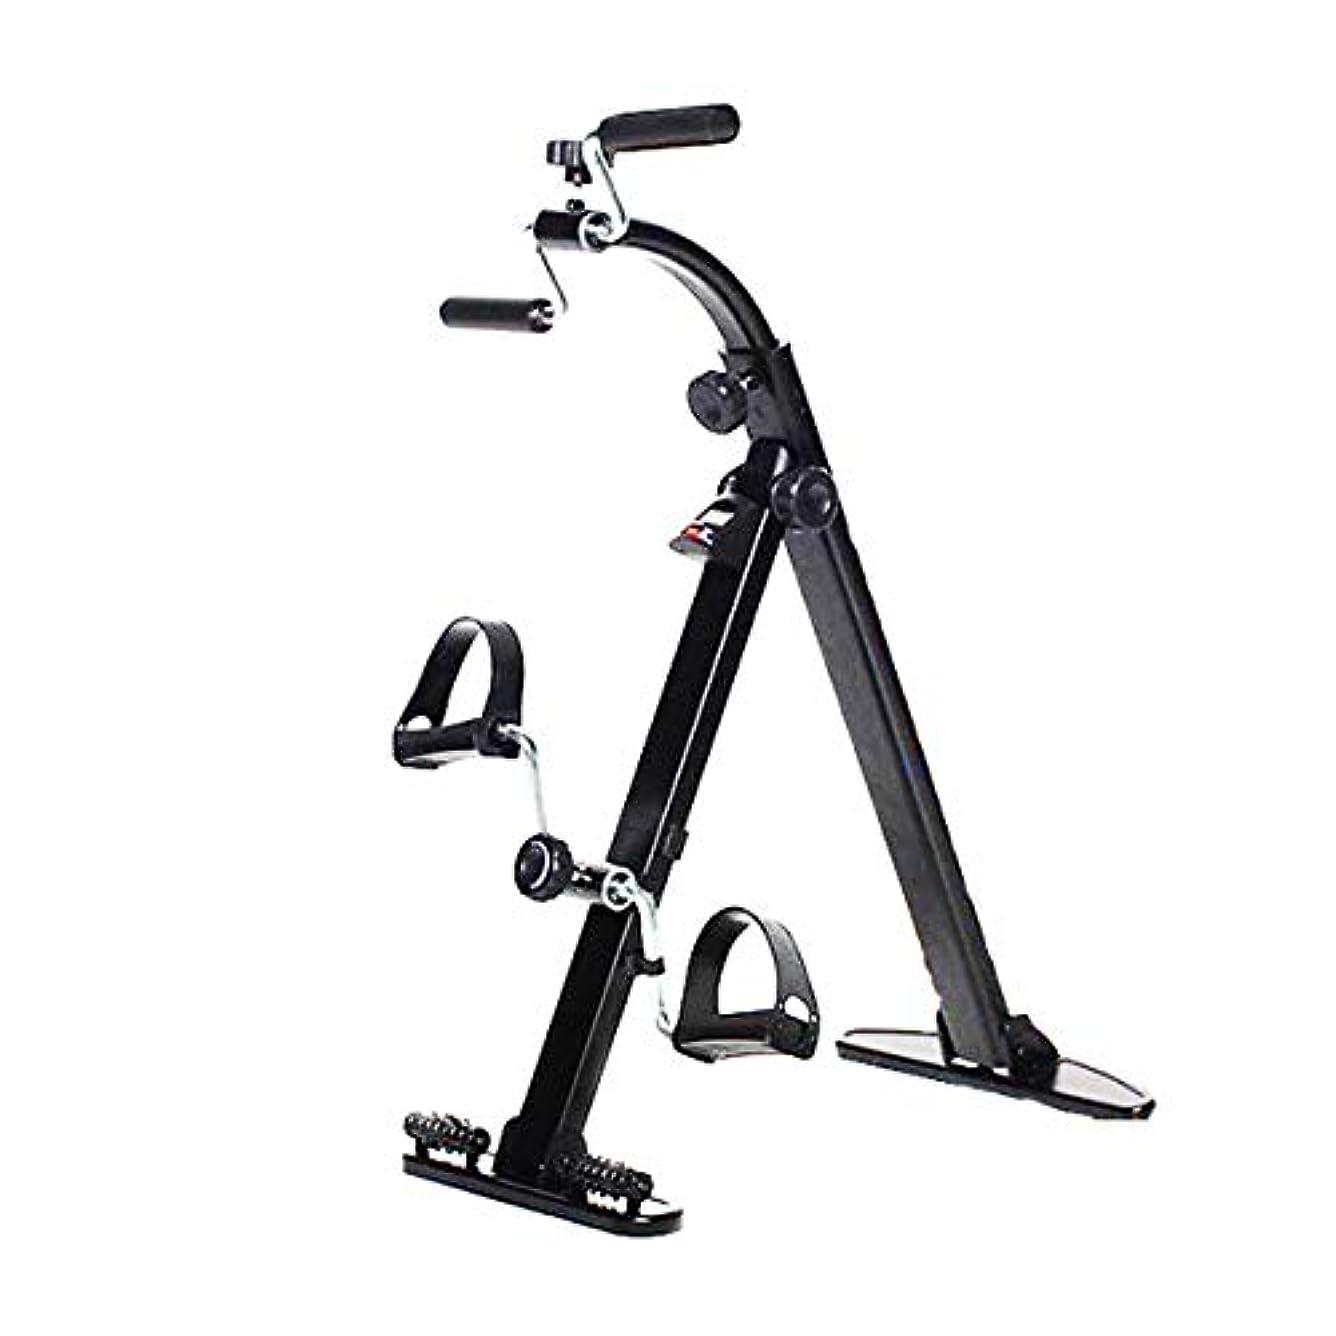 ブラジャーインシデント閉塞ペダルエクササイザー、医療リハビリテーション体操上肢および下肢のトレーニング機器、筋萎縮リハビリテーション訓練を防ぐ,A